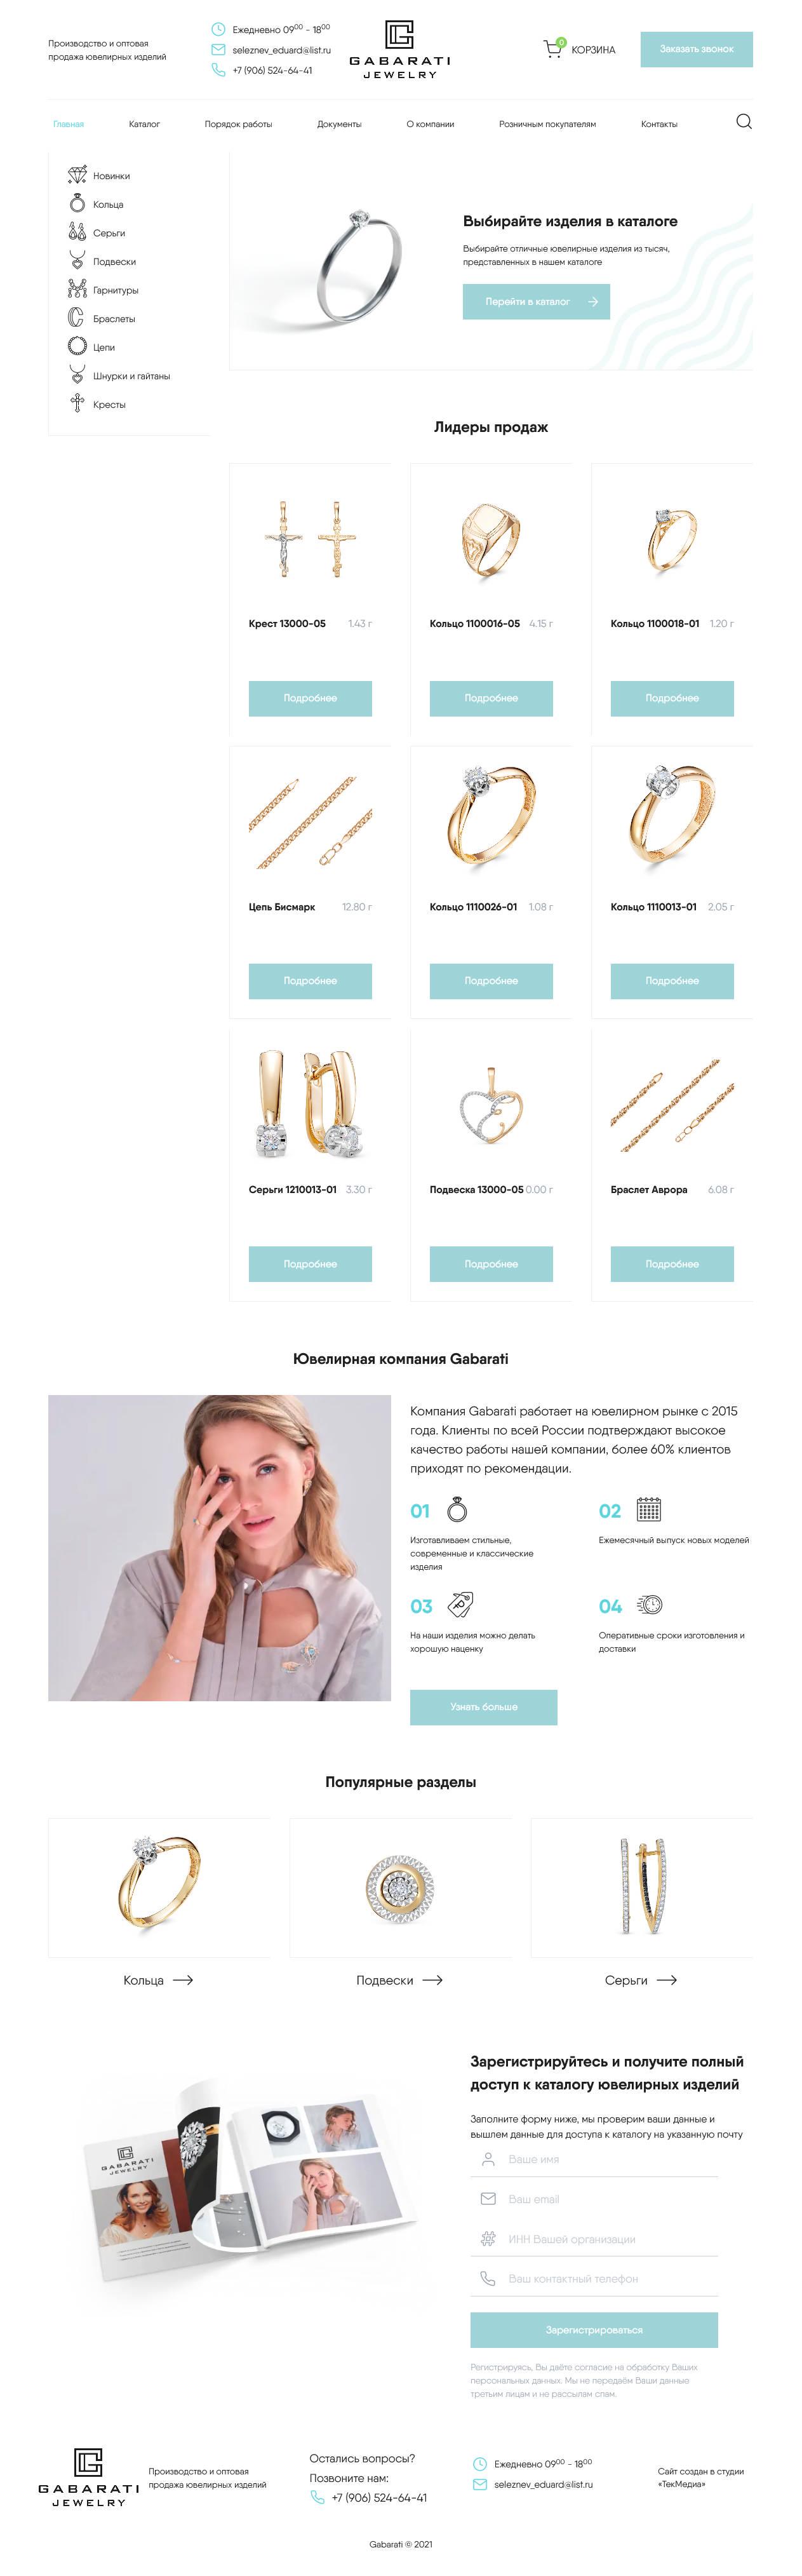 Создание сайта ювелирной компании Gabarati. Создание сайтов в Костроме